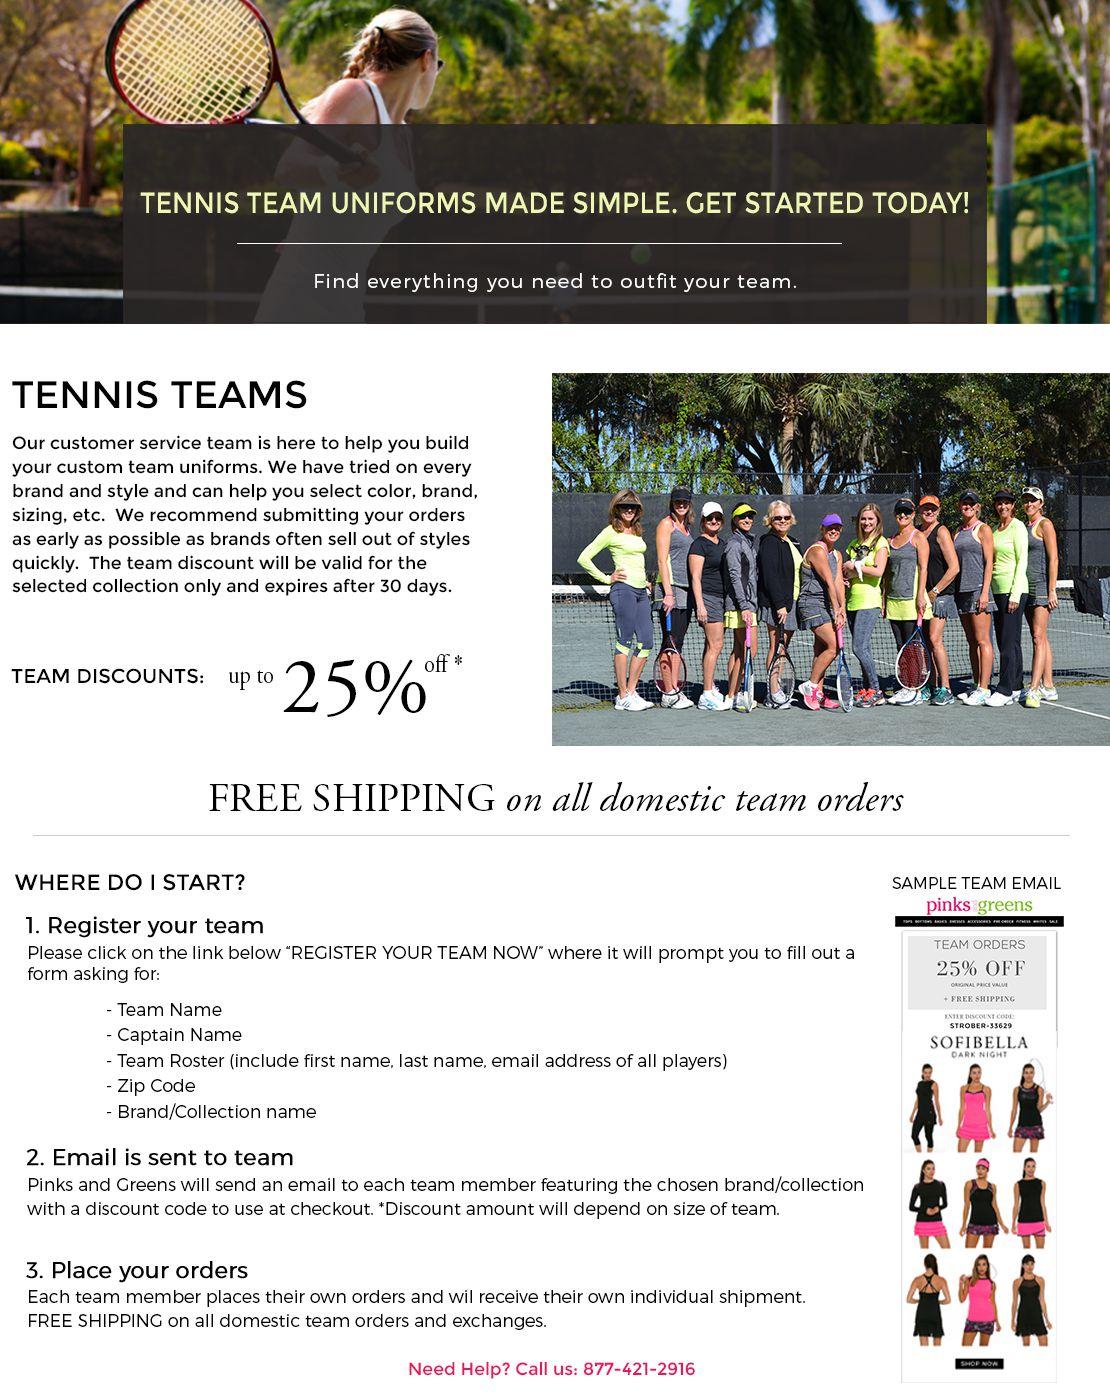 Tennis Team Discounts